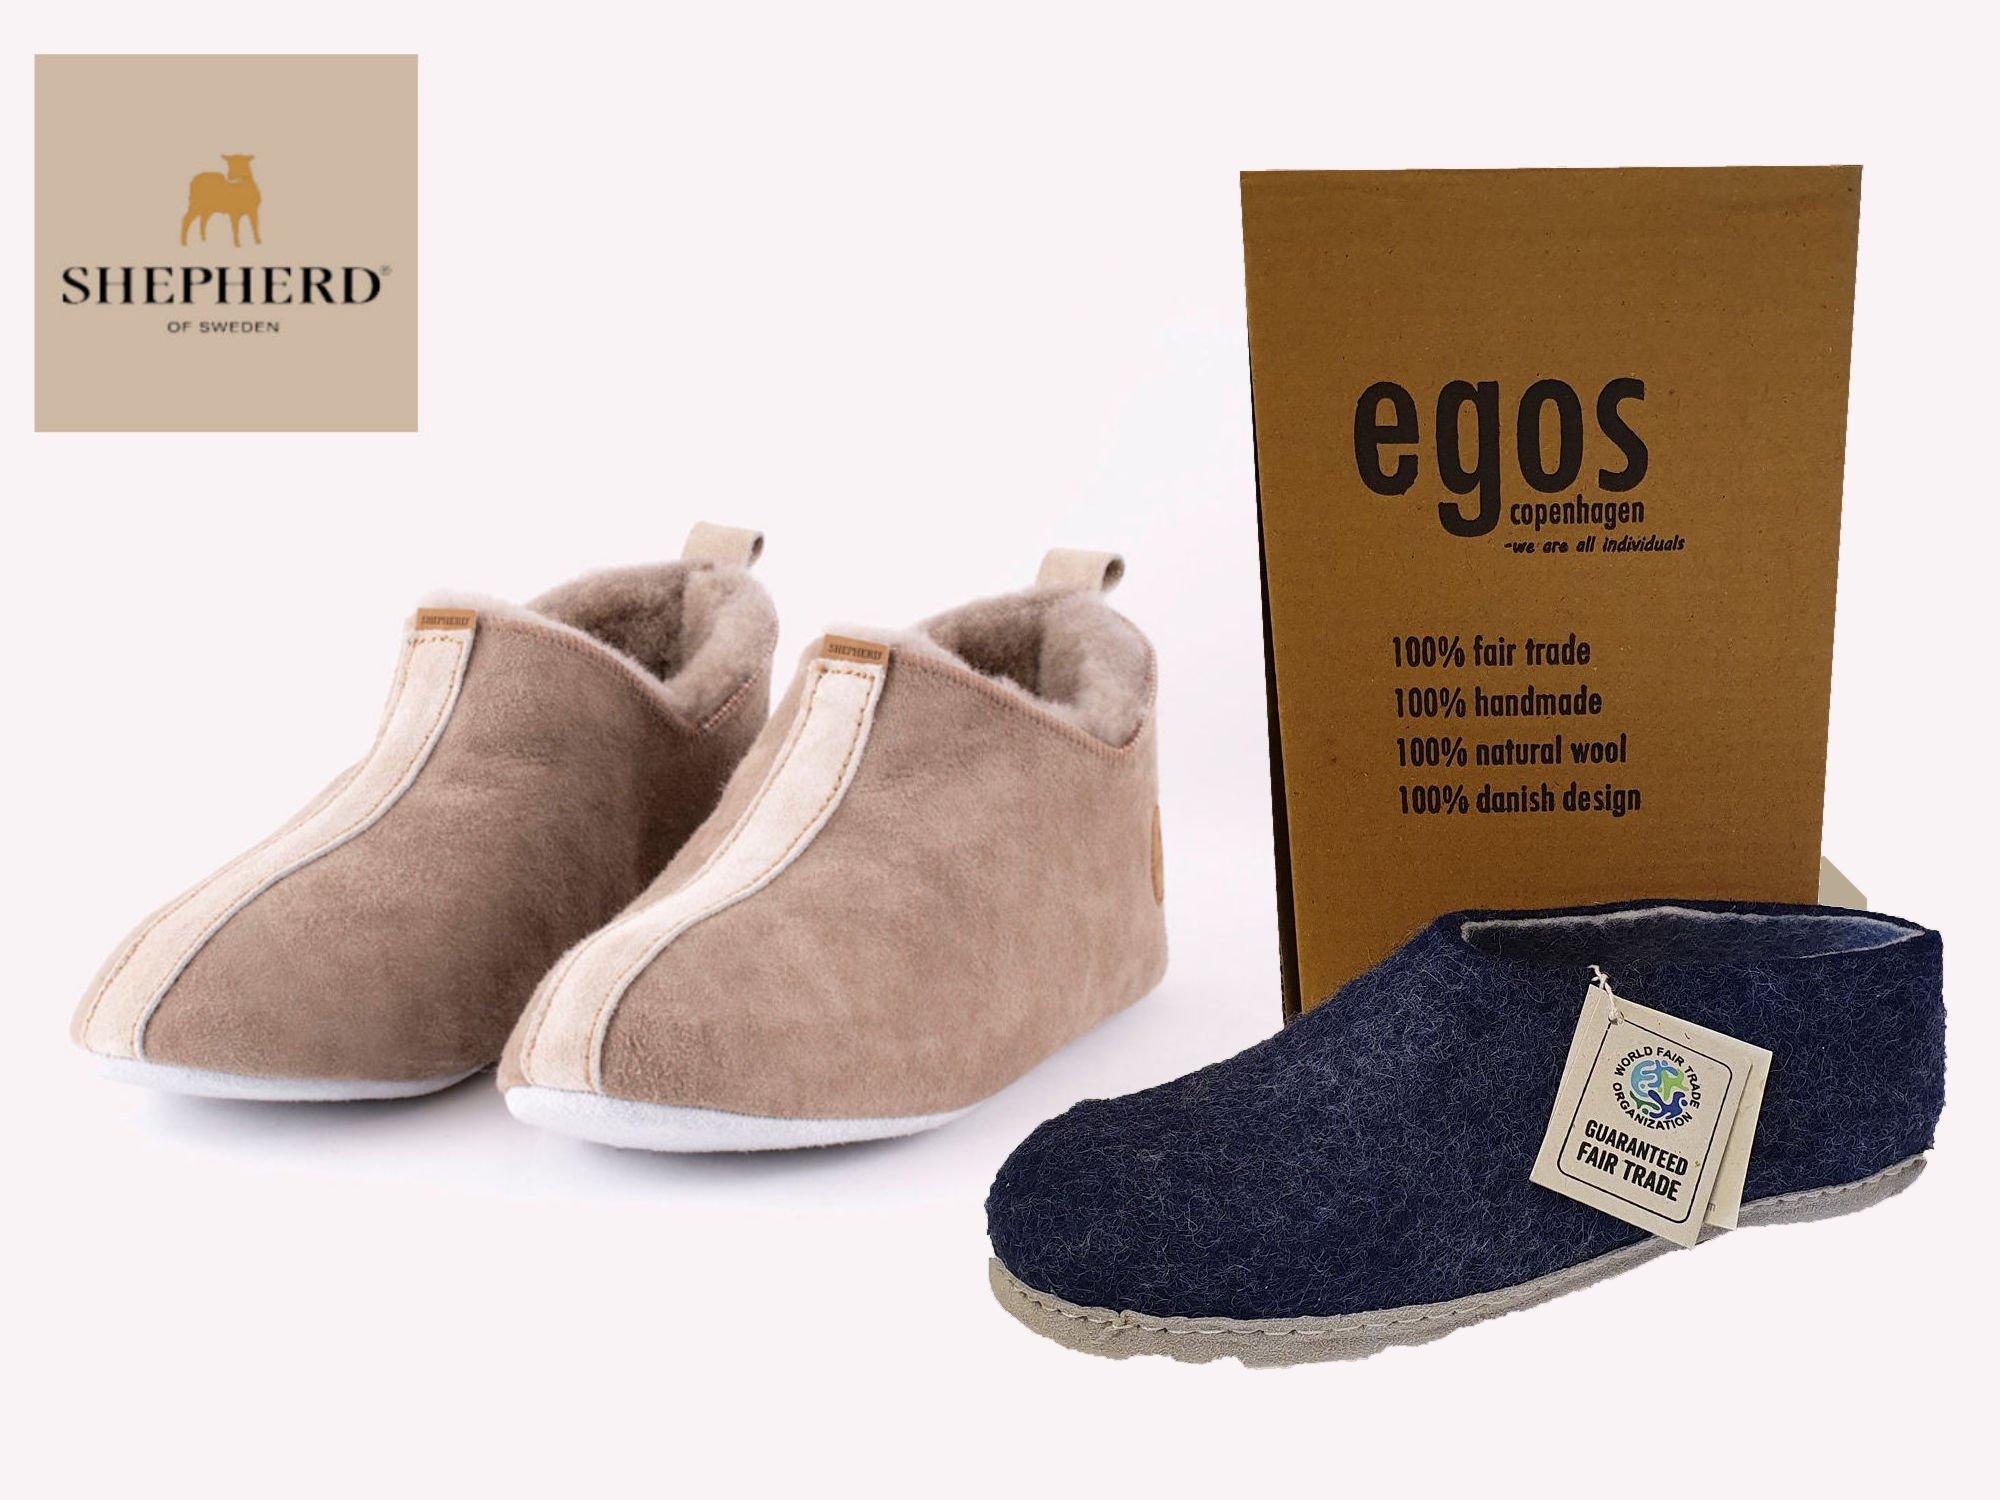 Shepherd & Egos